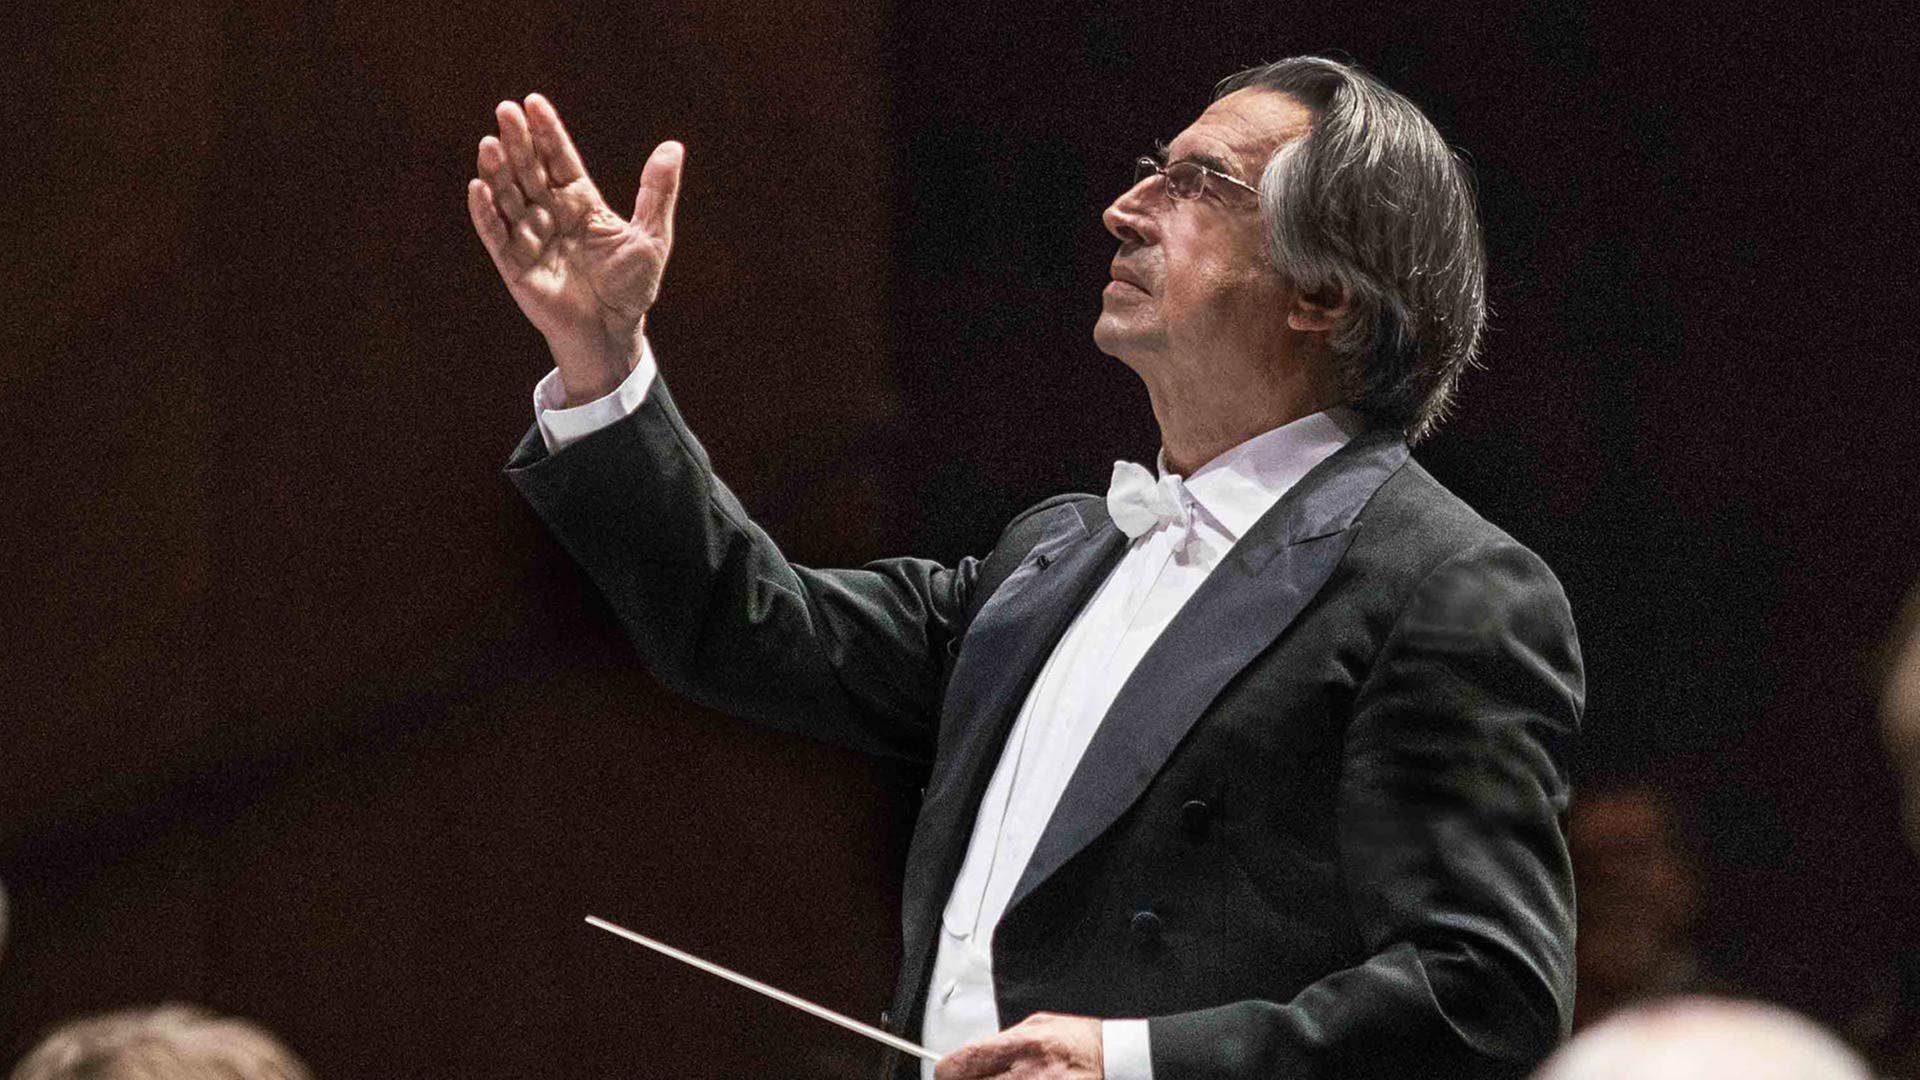 Riccardo Muti dirigiert die Wiener Philharmoniker - Von den Salzburger  Festspielen 2021 - ZDFmediathek